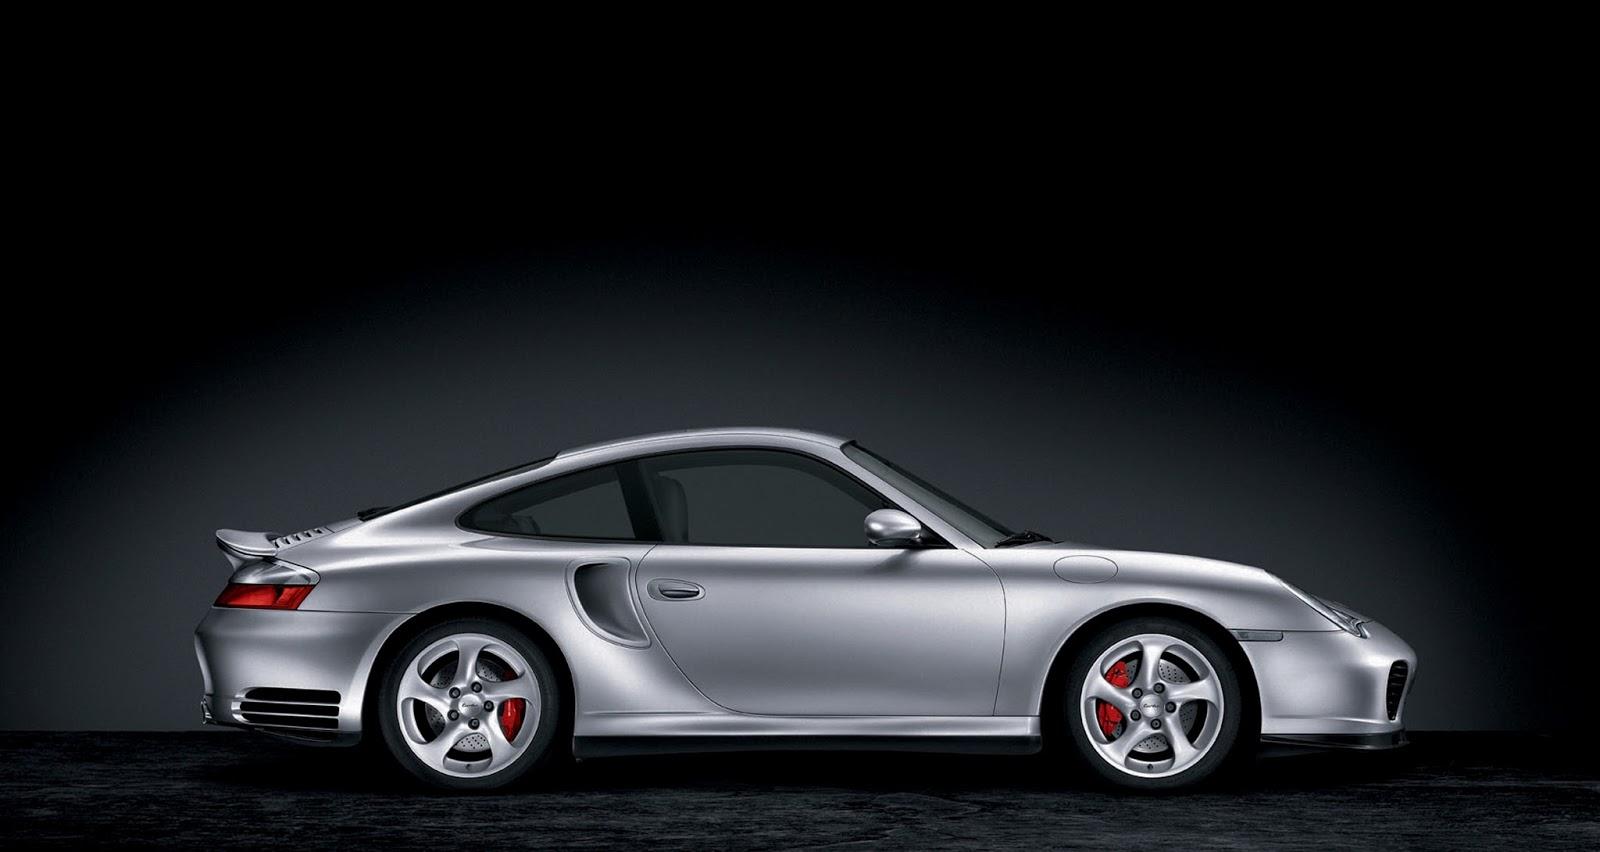 porsche-911-turbo-996-.jpg